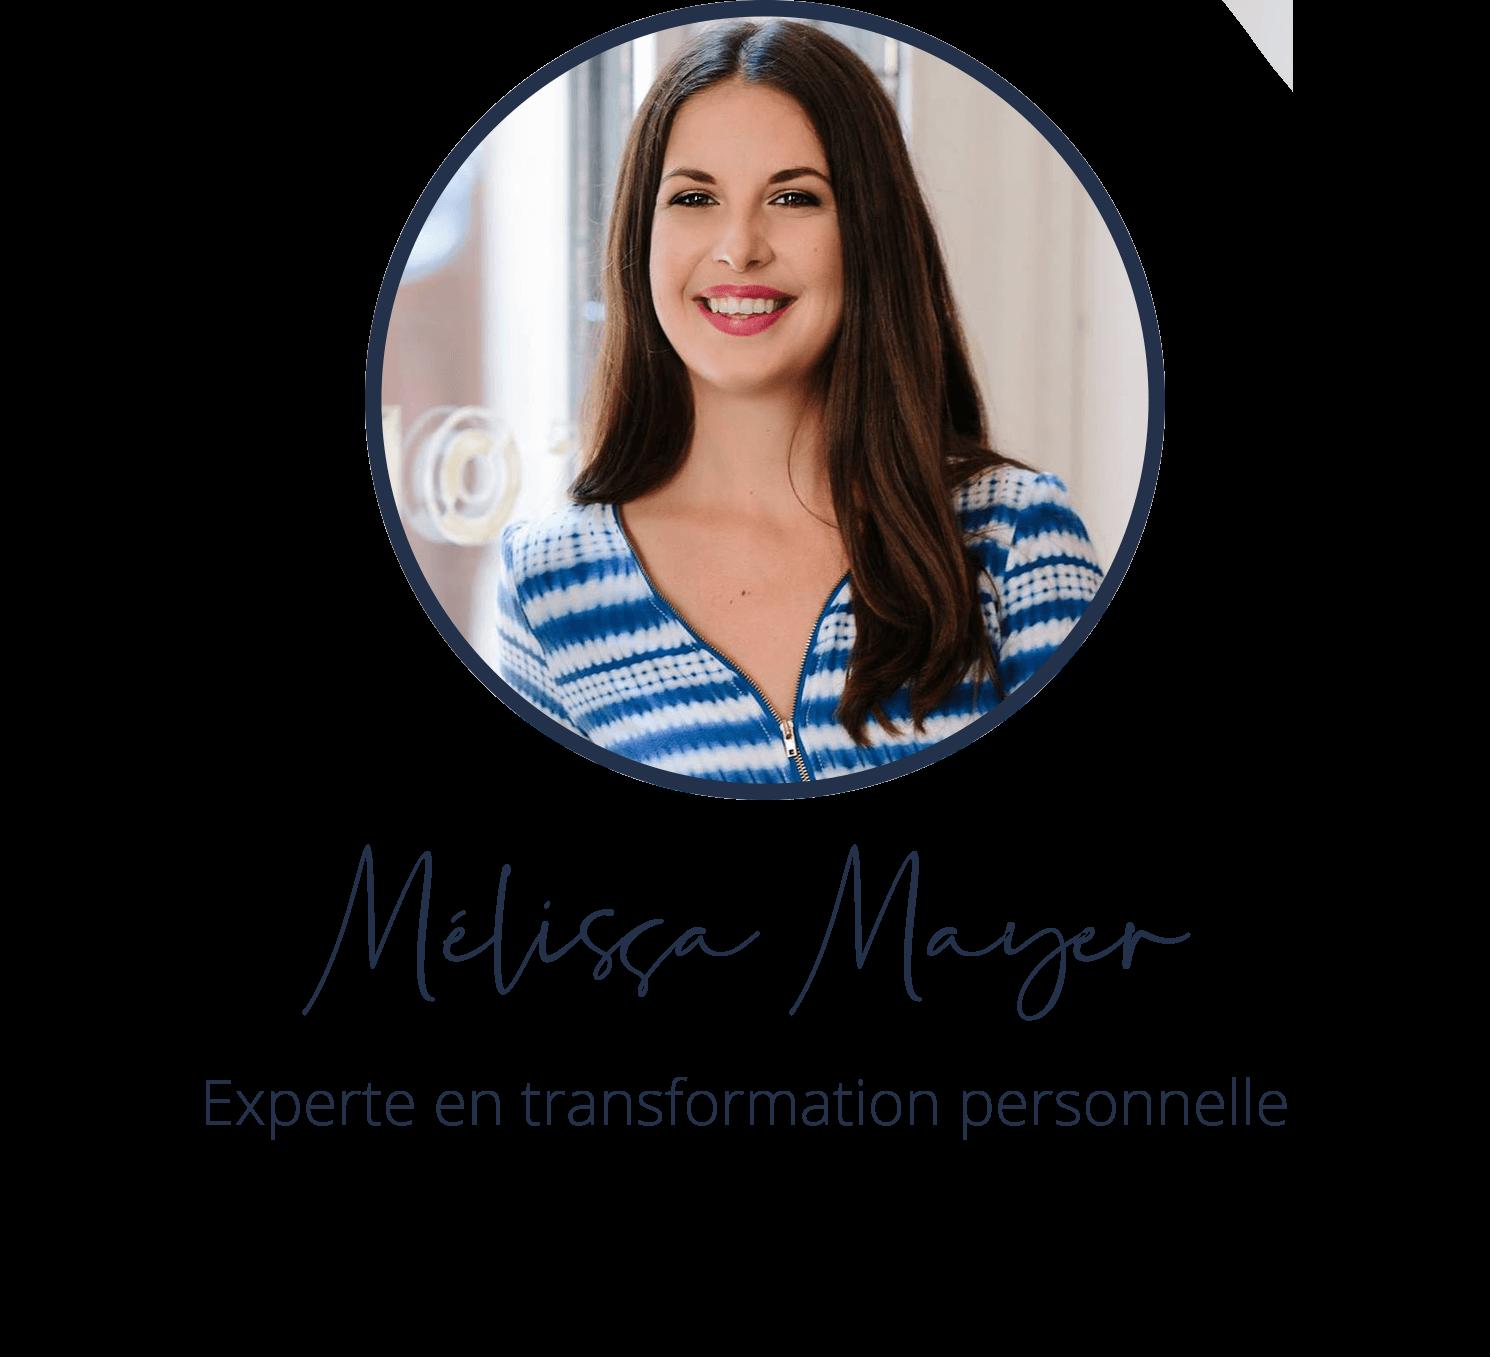 Mélissa Mayer, experte en transformation personnelle